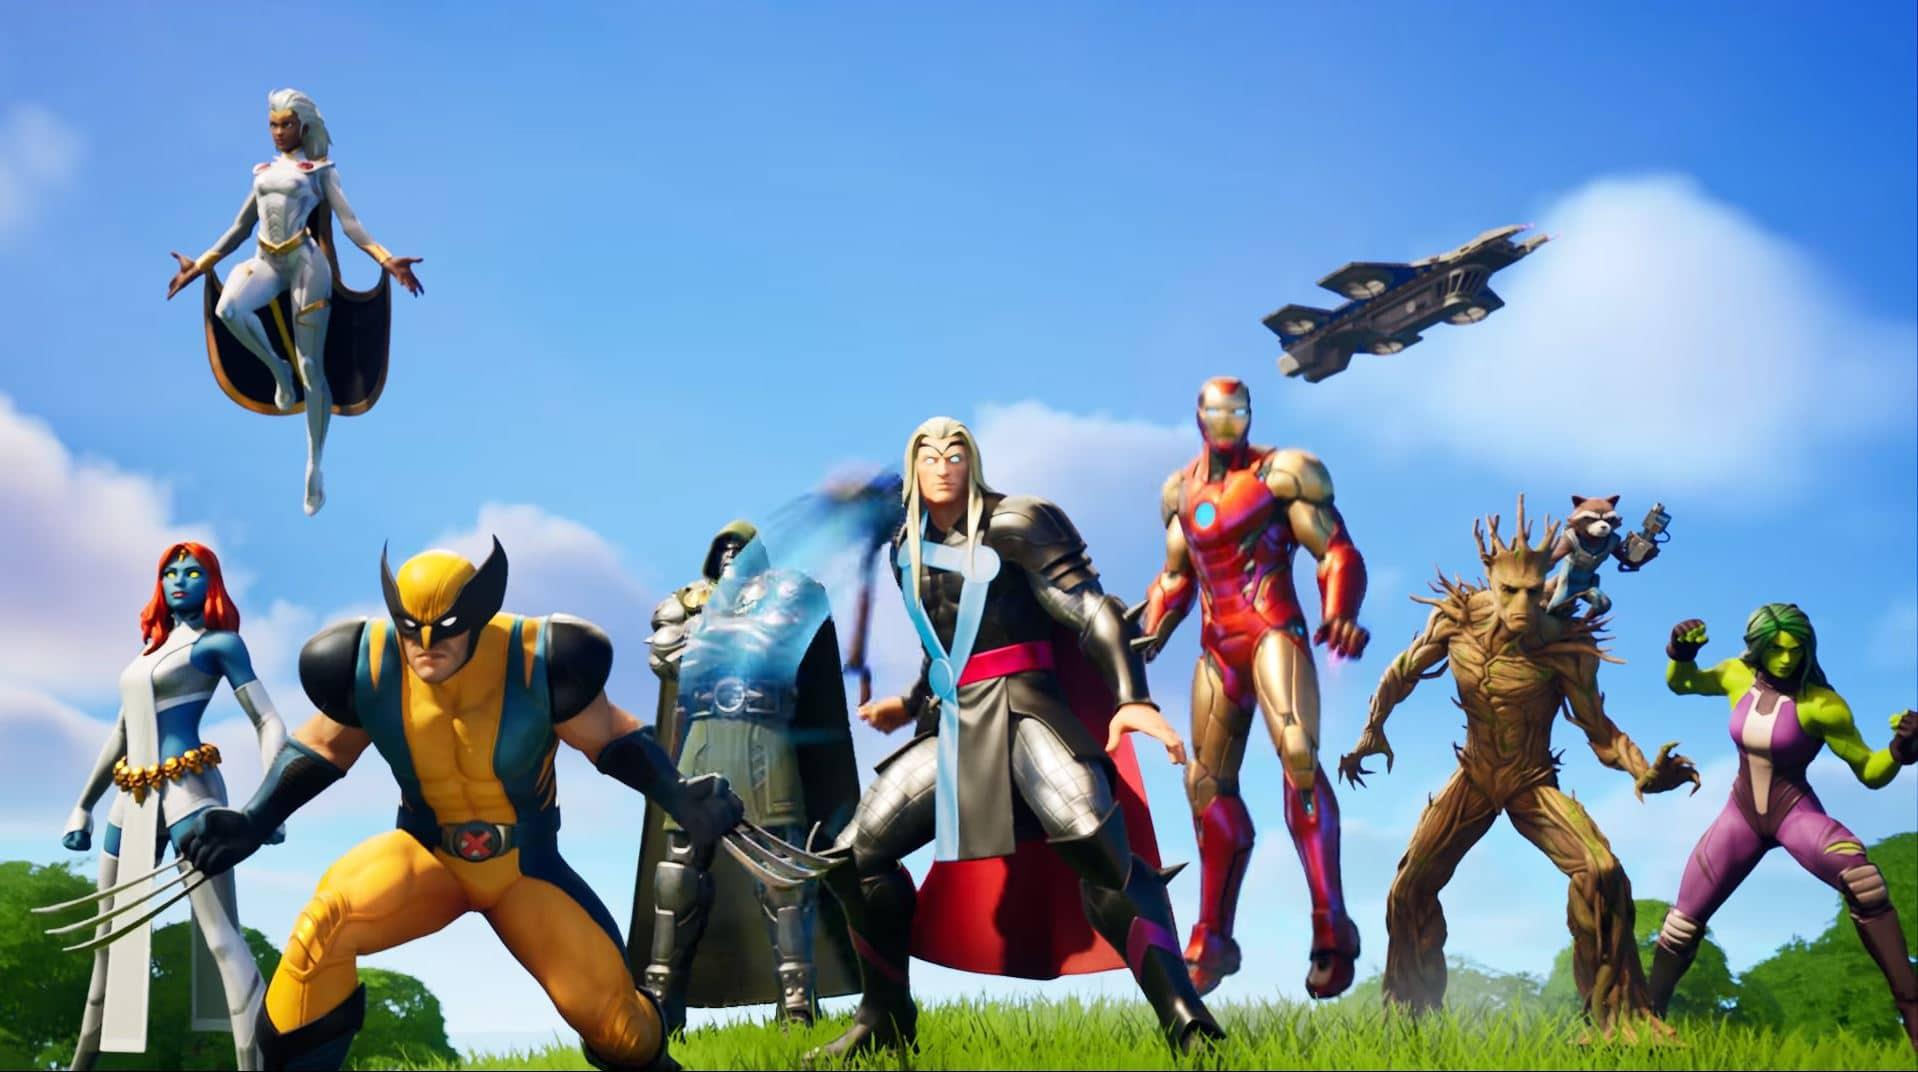 Fortnite Chapter 2 Season 4 Battle Pass Skins All Marvel Skins Fortnite Insider